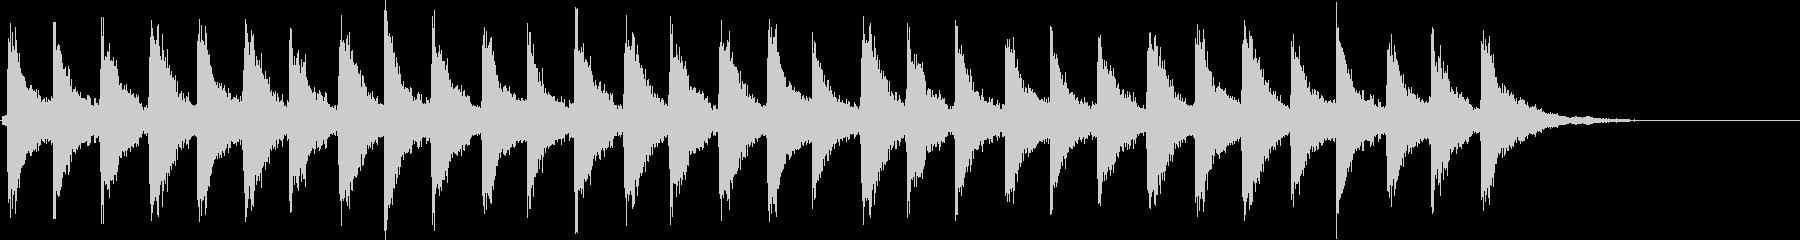 Xmasシーンに最適な鈴の音(速め)の未再生の波形